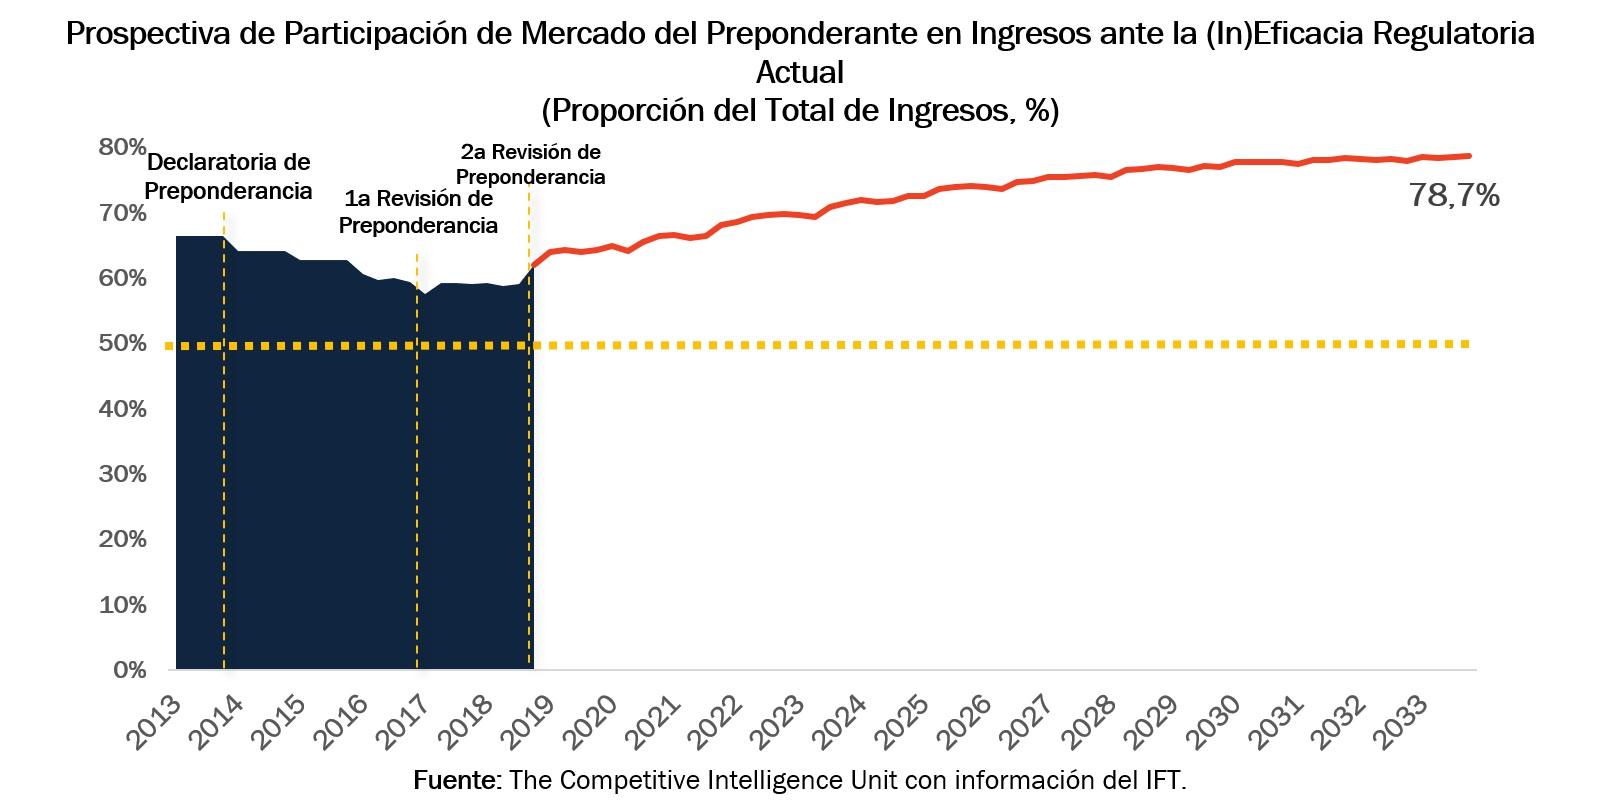 Prospectiva de Participación de Mercado del Preponderante en Ingresos ante la (In)Eficacia Regulatoria Actual